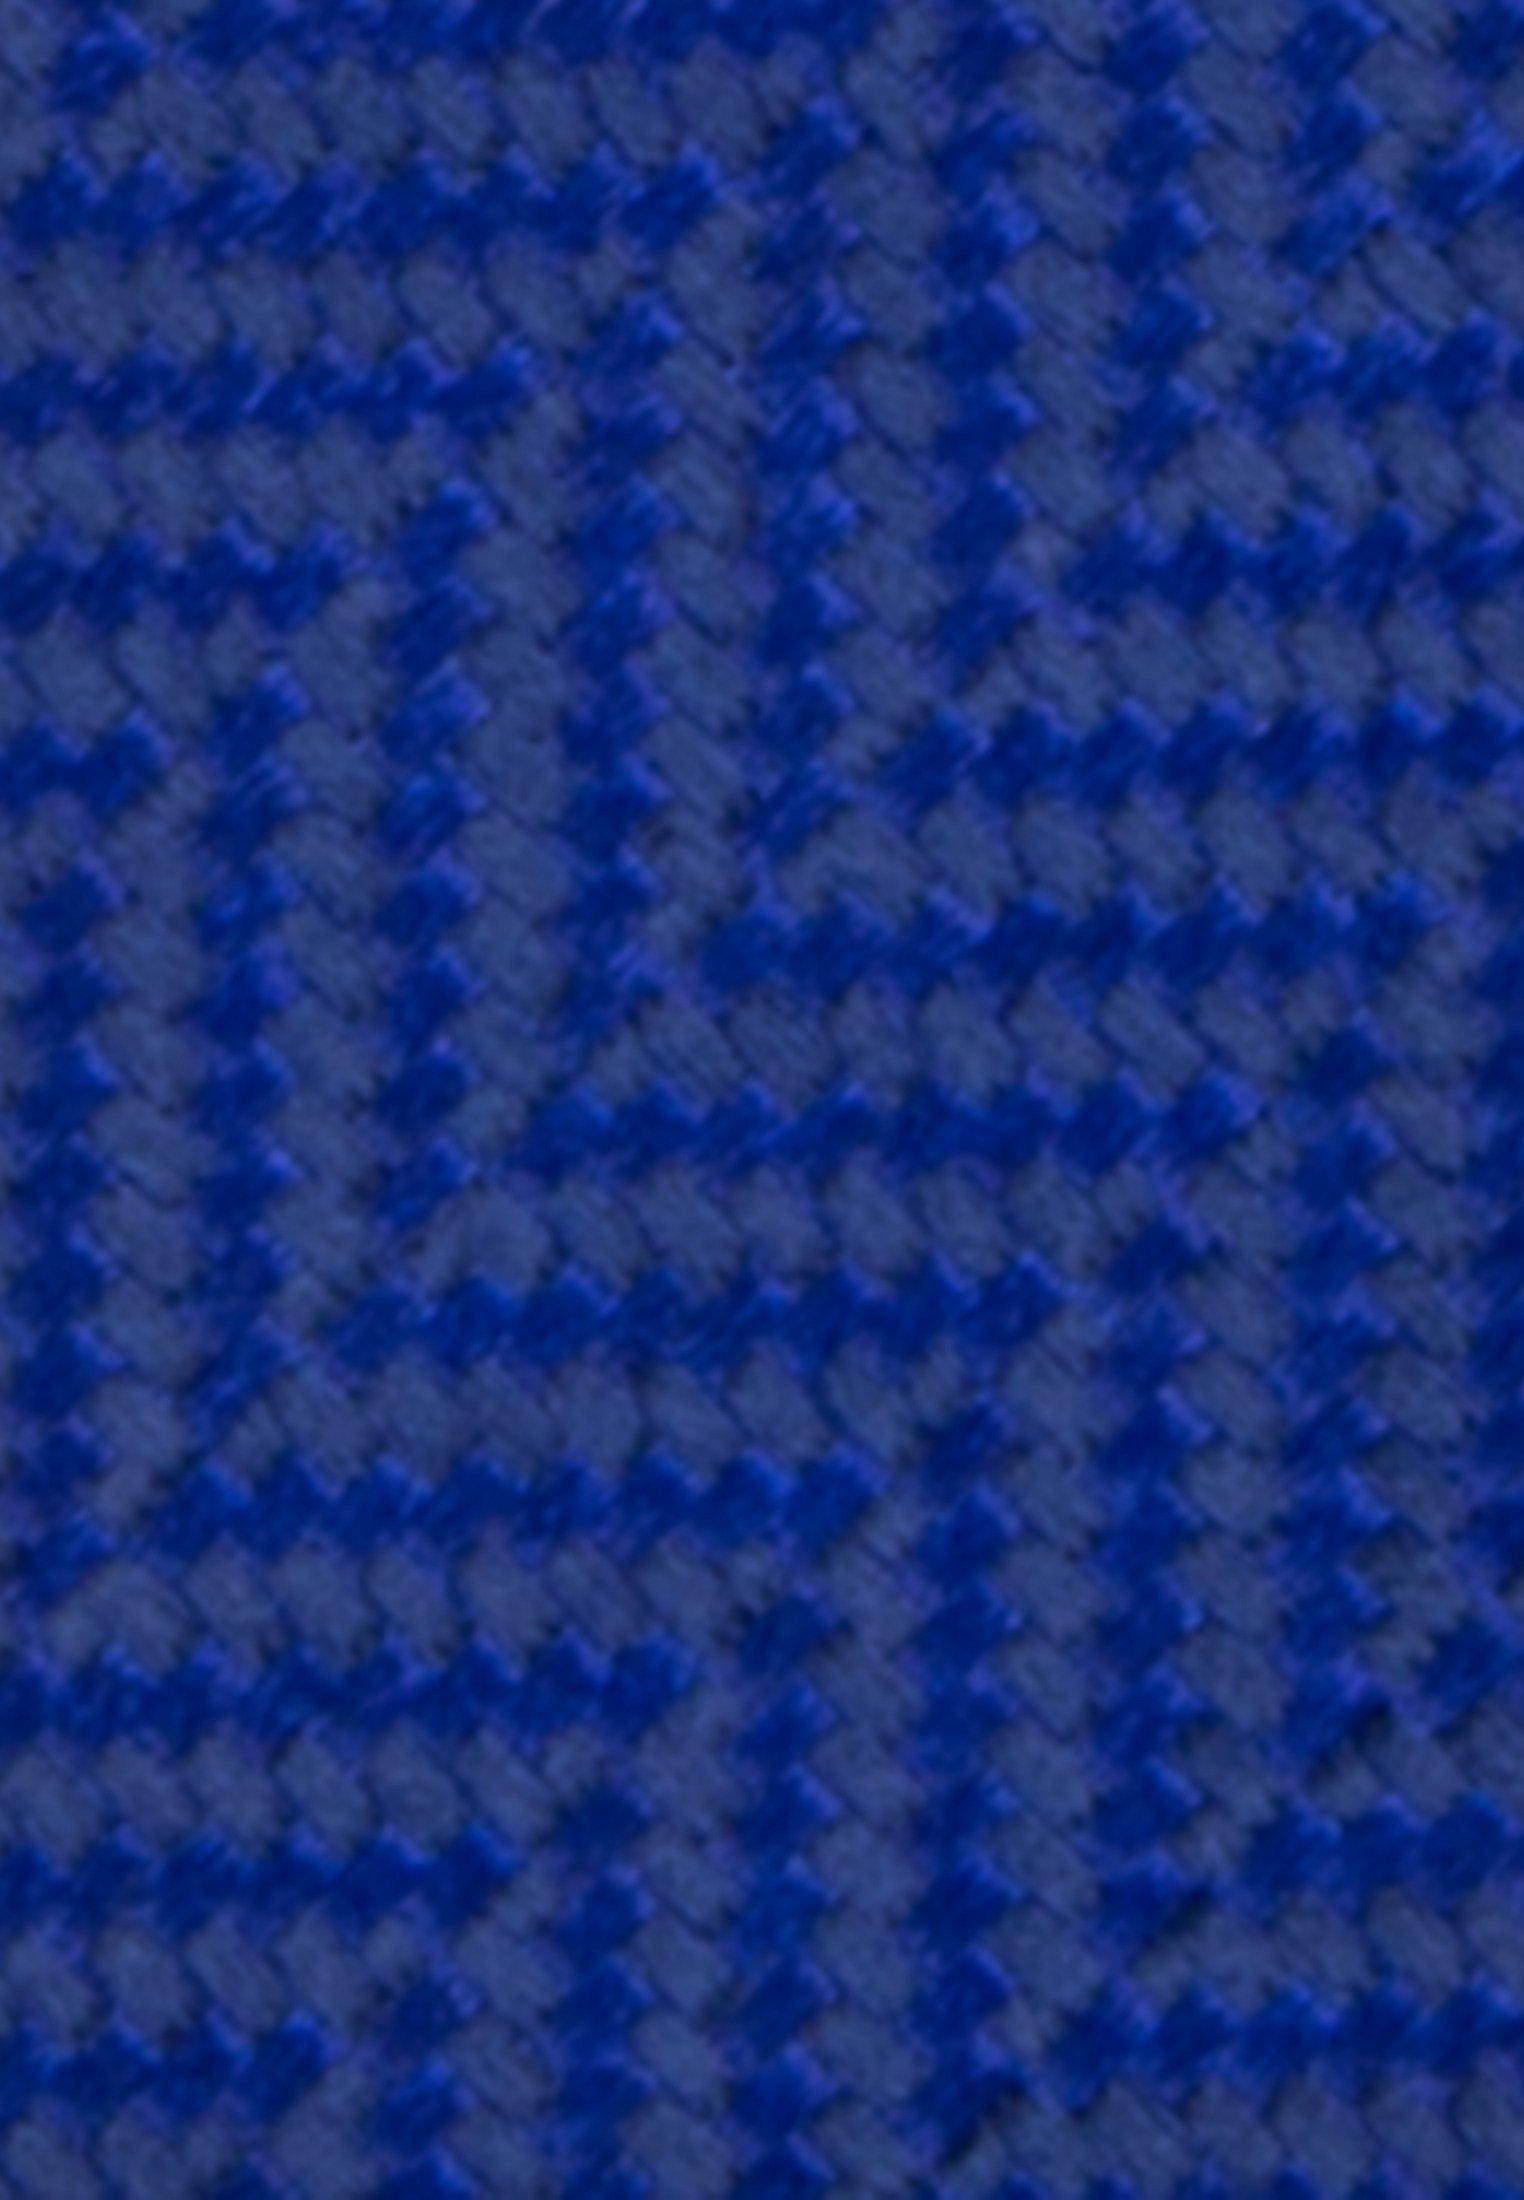 Seidensticker Krawatte - mittelblau/blau - Herrenaccessoires 1w2tB